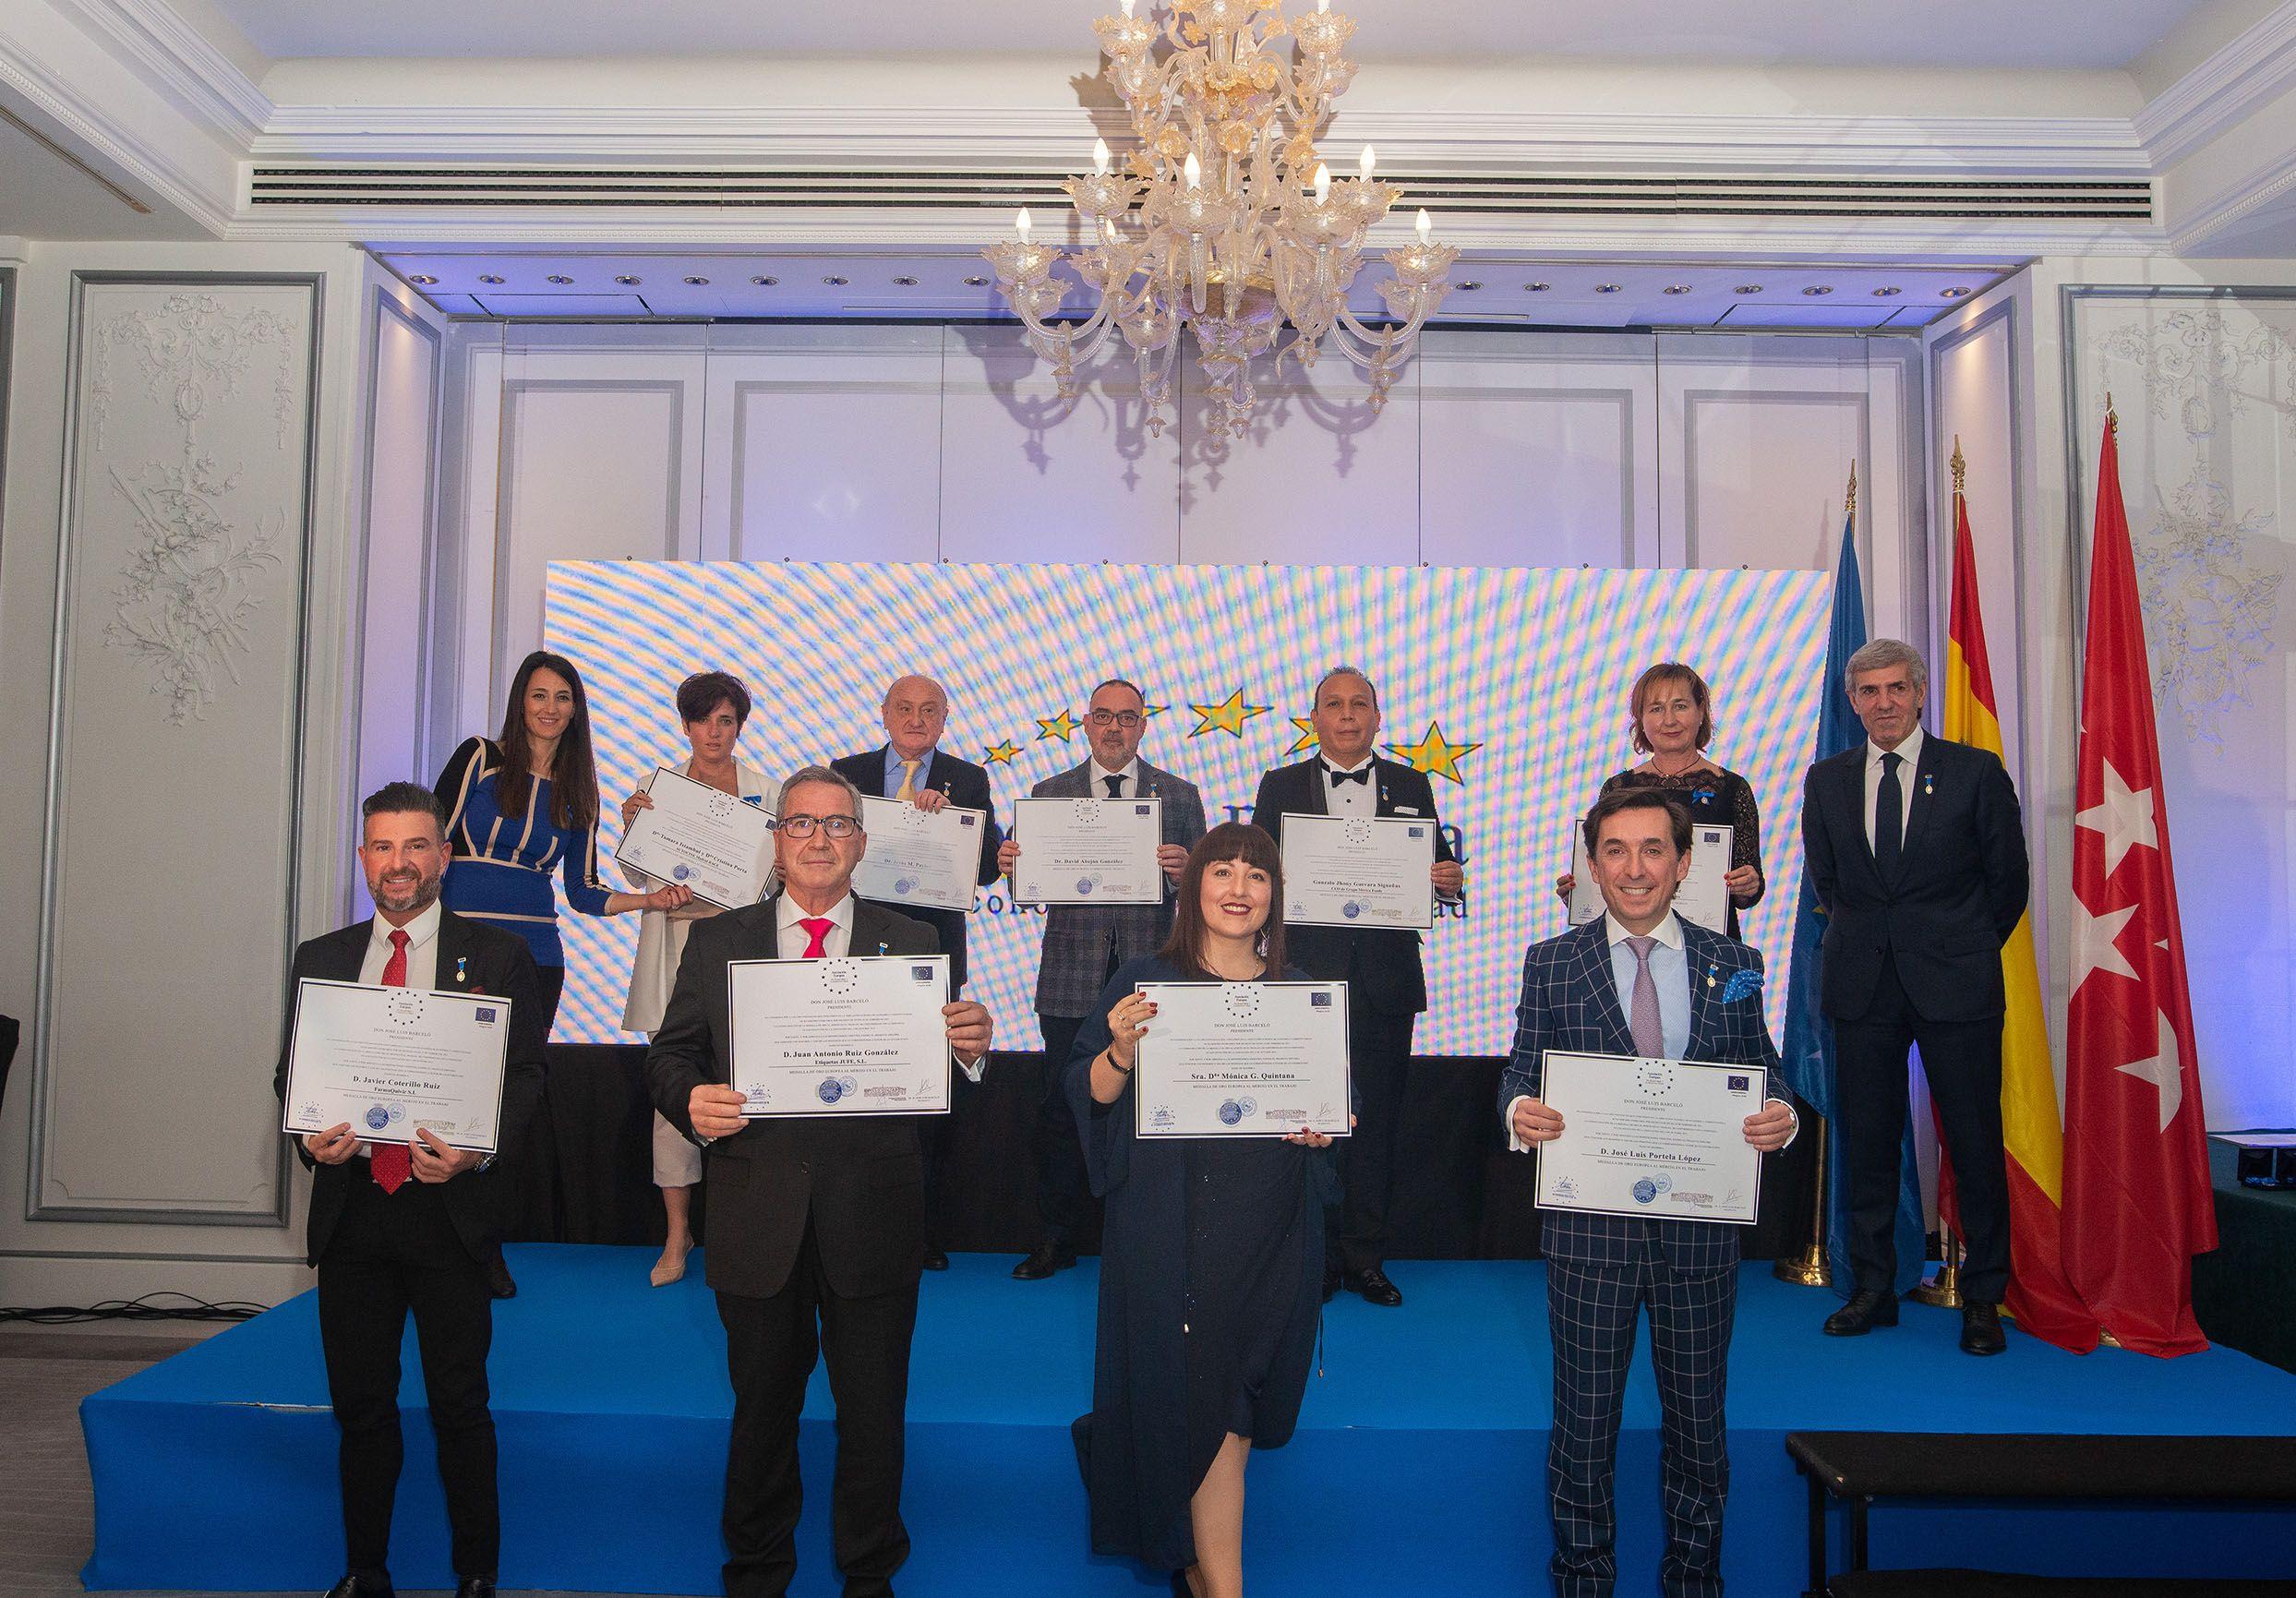 La Asociación Europea de Economía y Competitividad otorga la Medalla de Oro Europea al Mérito en el Trabajo